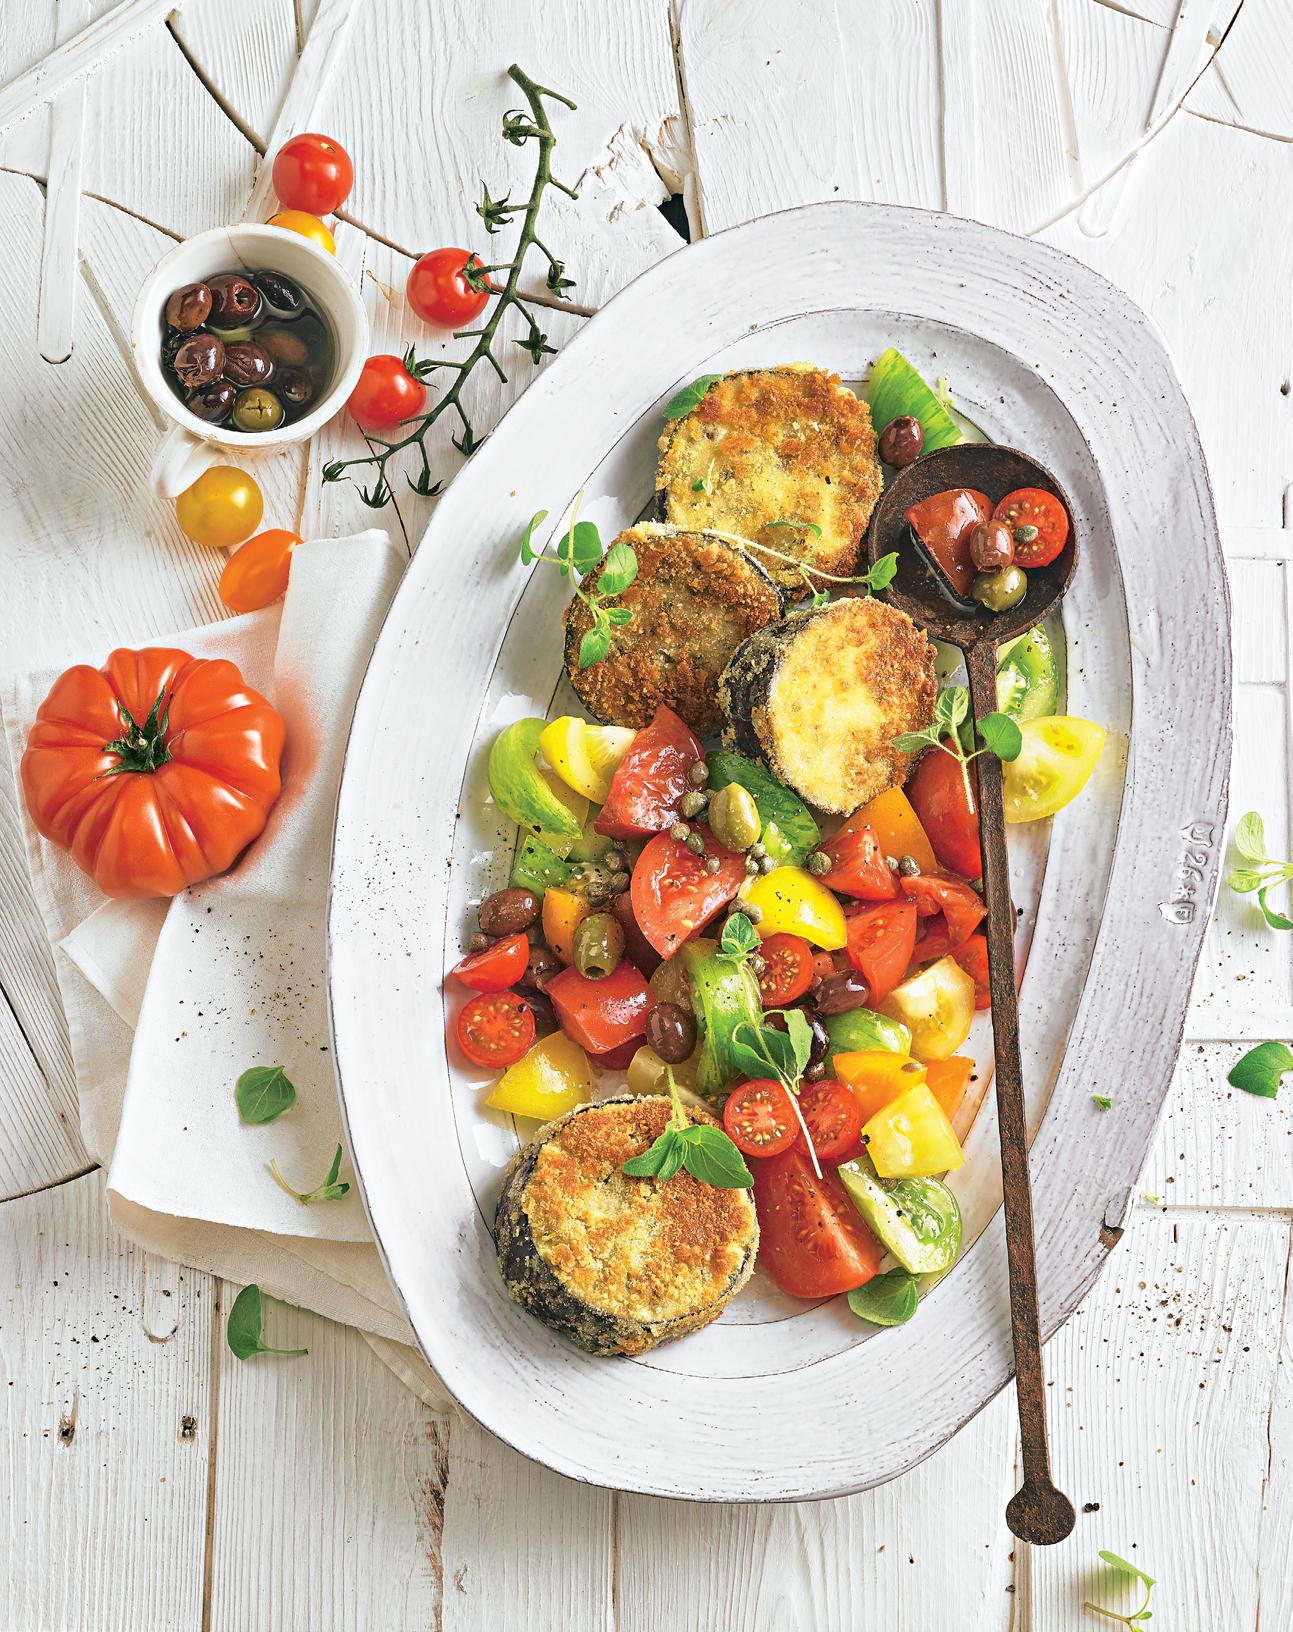 rezepte mit tomaten gerichte f r den sommer gerichte f r den sommer. Black Bedroom Furniture Sets. Home Design Ideas